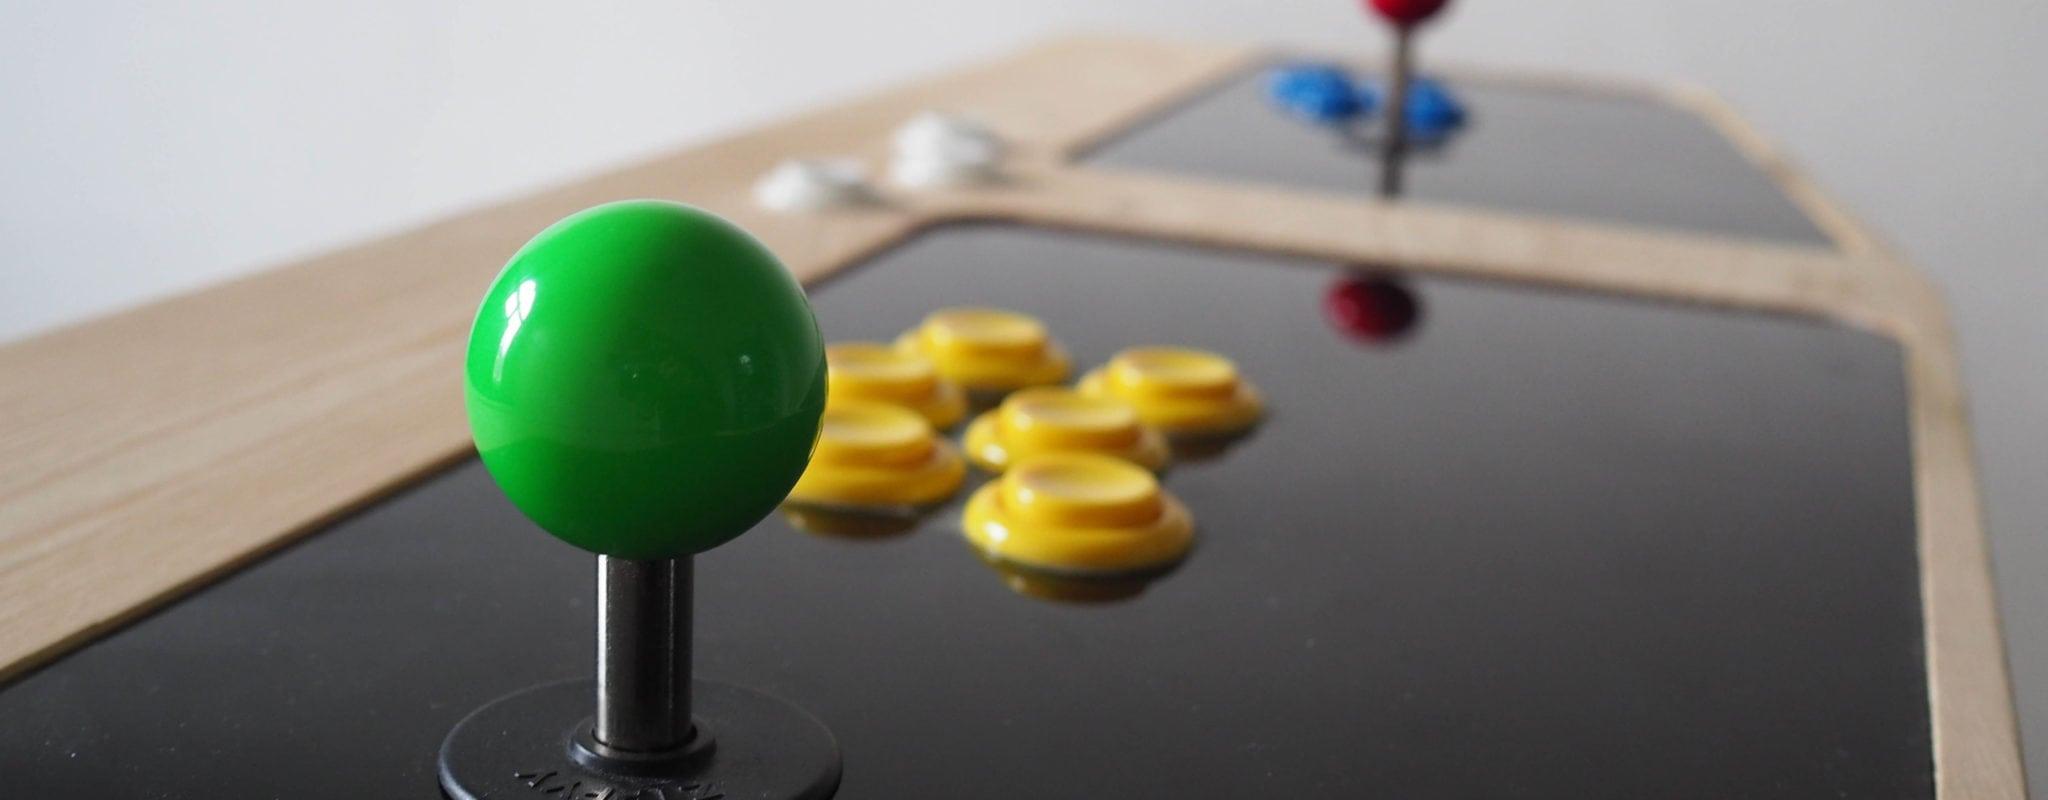 Un samedi après-midi pour découvrir Fortnite, le jeu vidéo aux 150 millions de joueurs